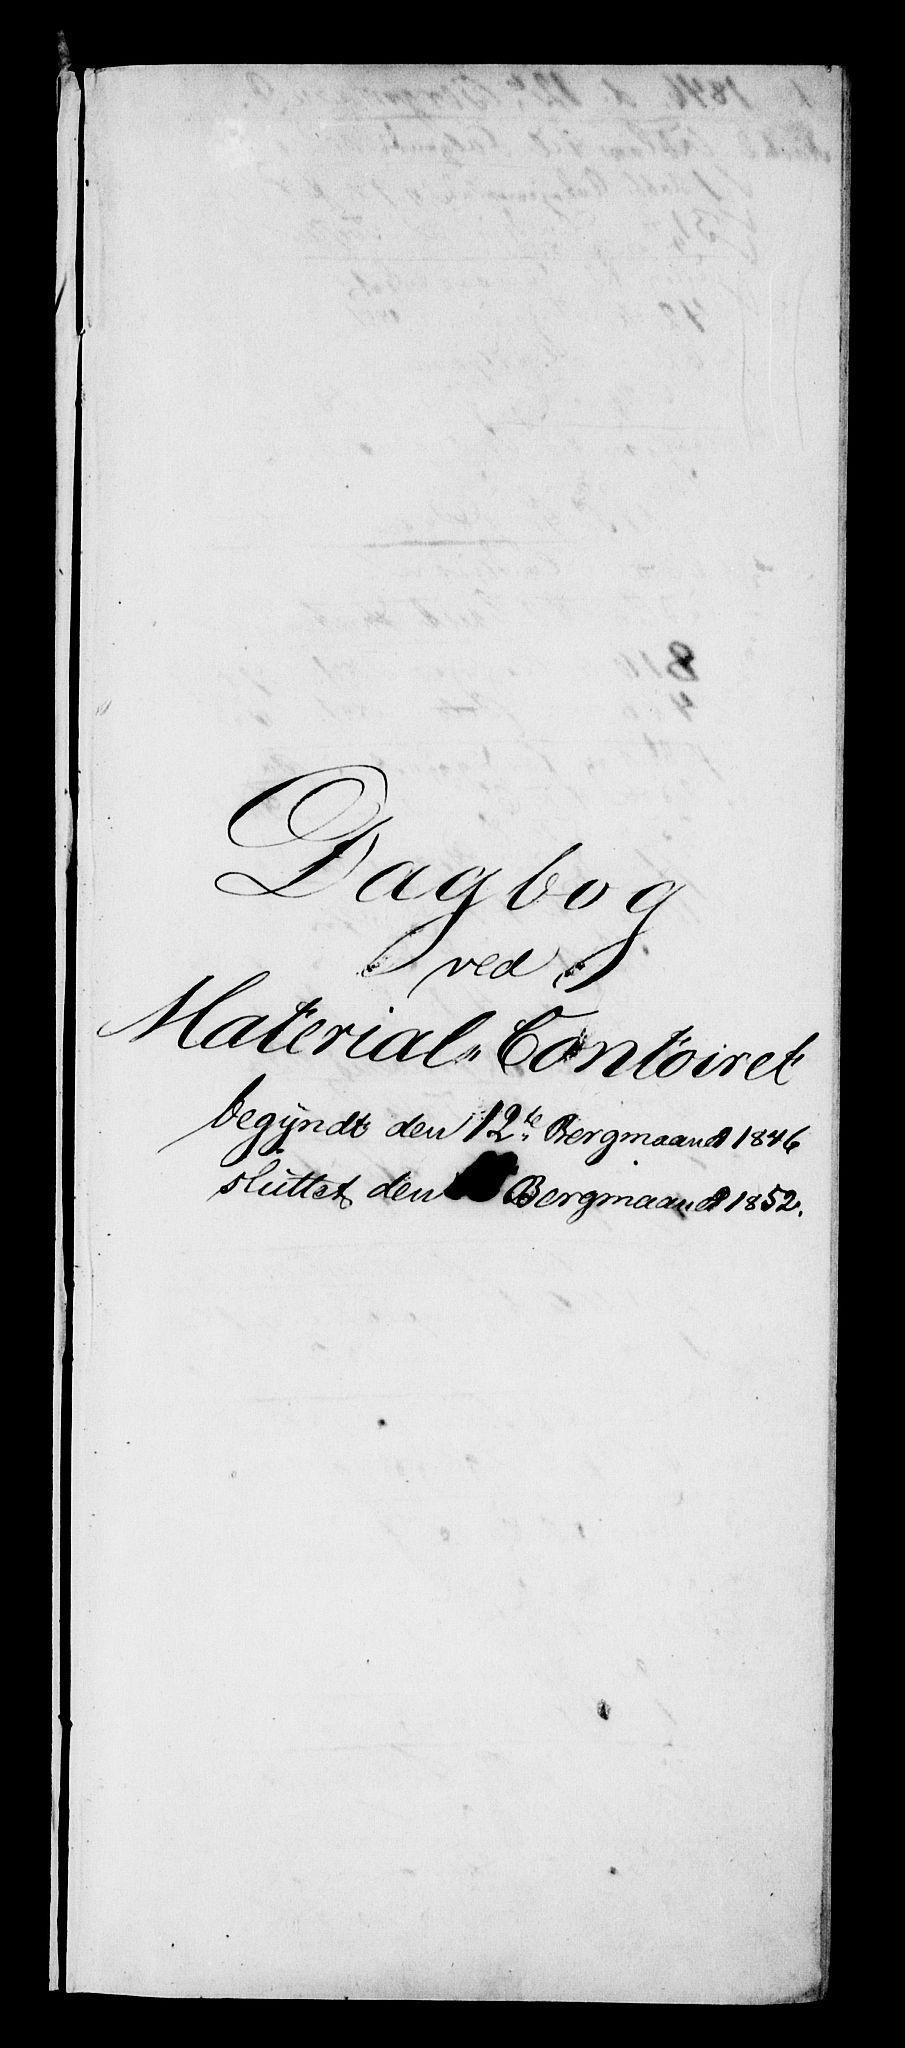 RA, Modums Blaafarveværk, G/Gd/Gdb/L0203: Annotations Bog, Dagbok over inn- og utgående materiale, 1846-1852, s. 2